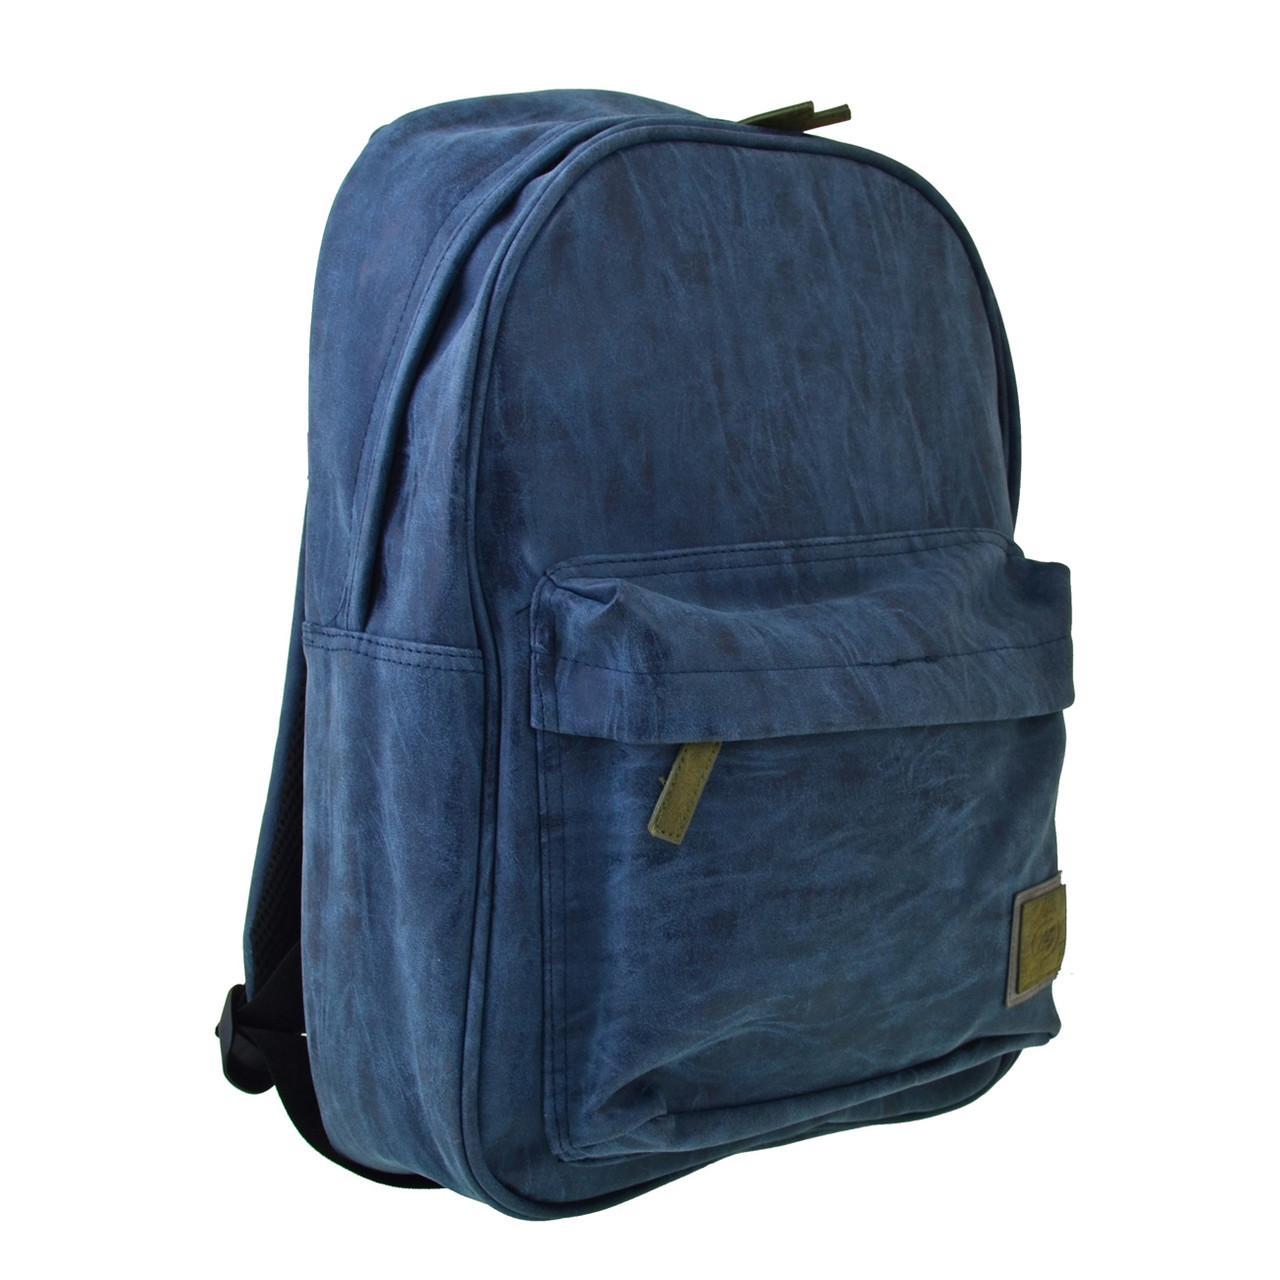 Рюкзак молодежный YES ST-16 Infinity deep ocean, 42*31*13 555054